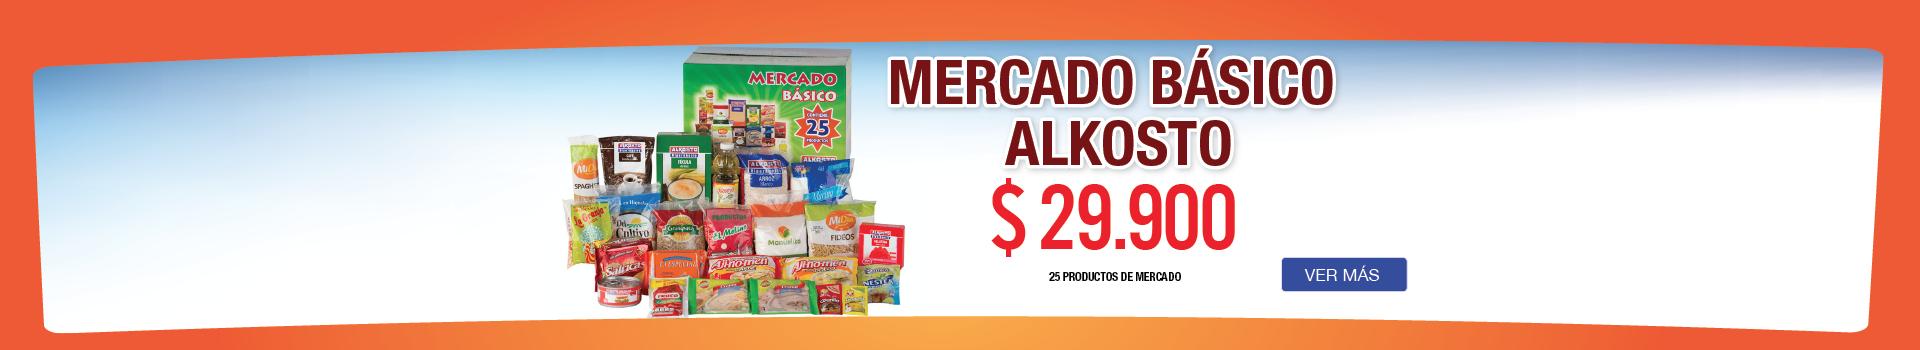 Merkado basico Todo el Mercado